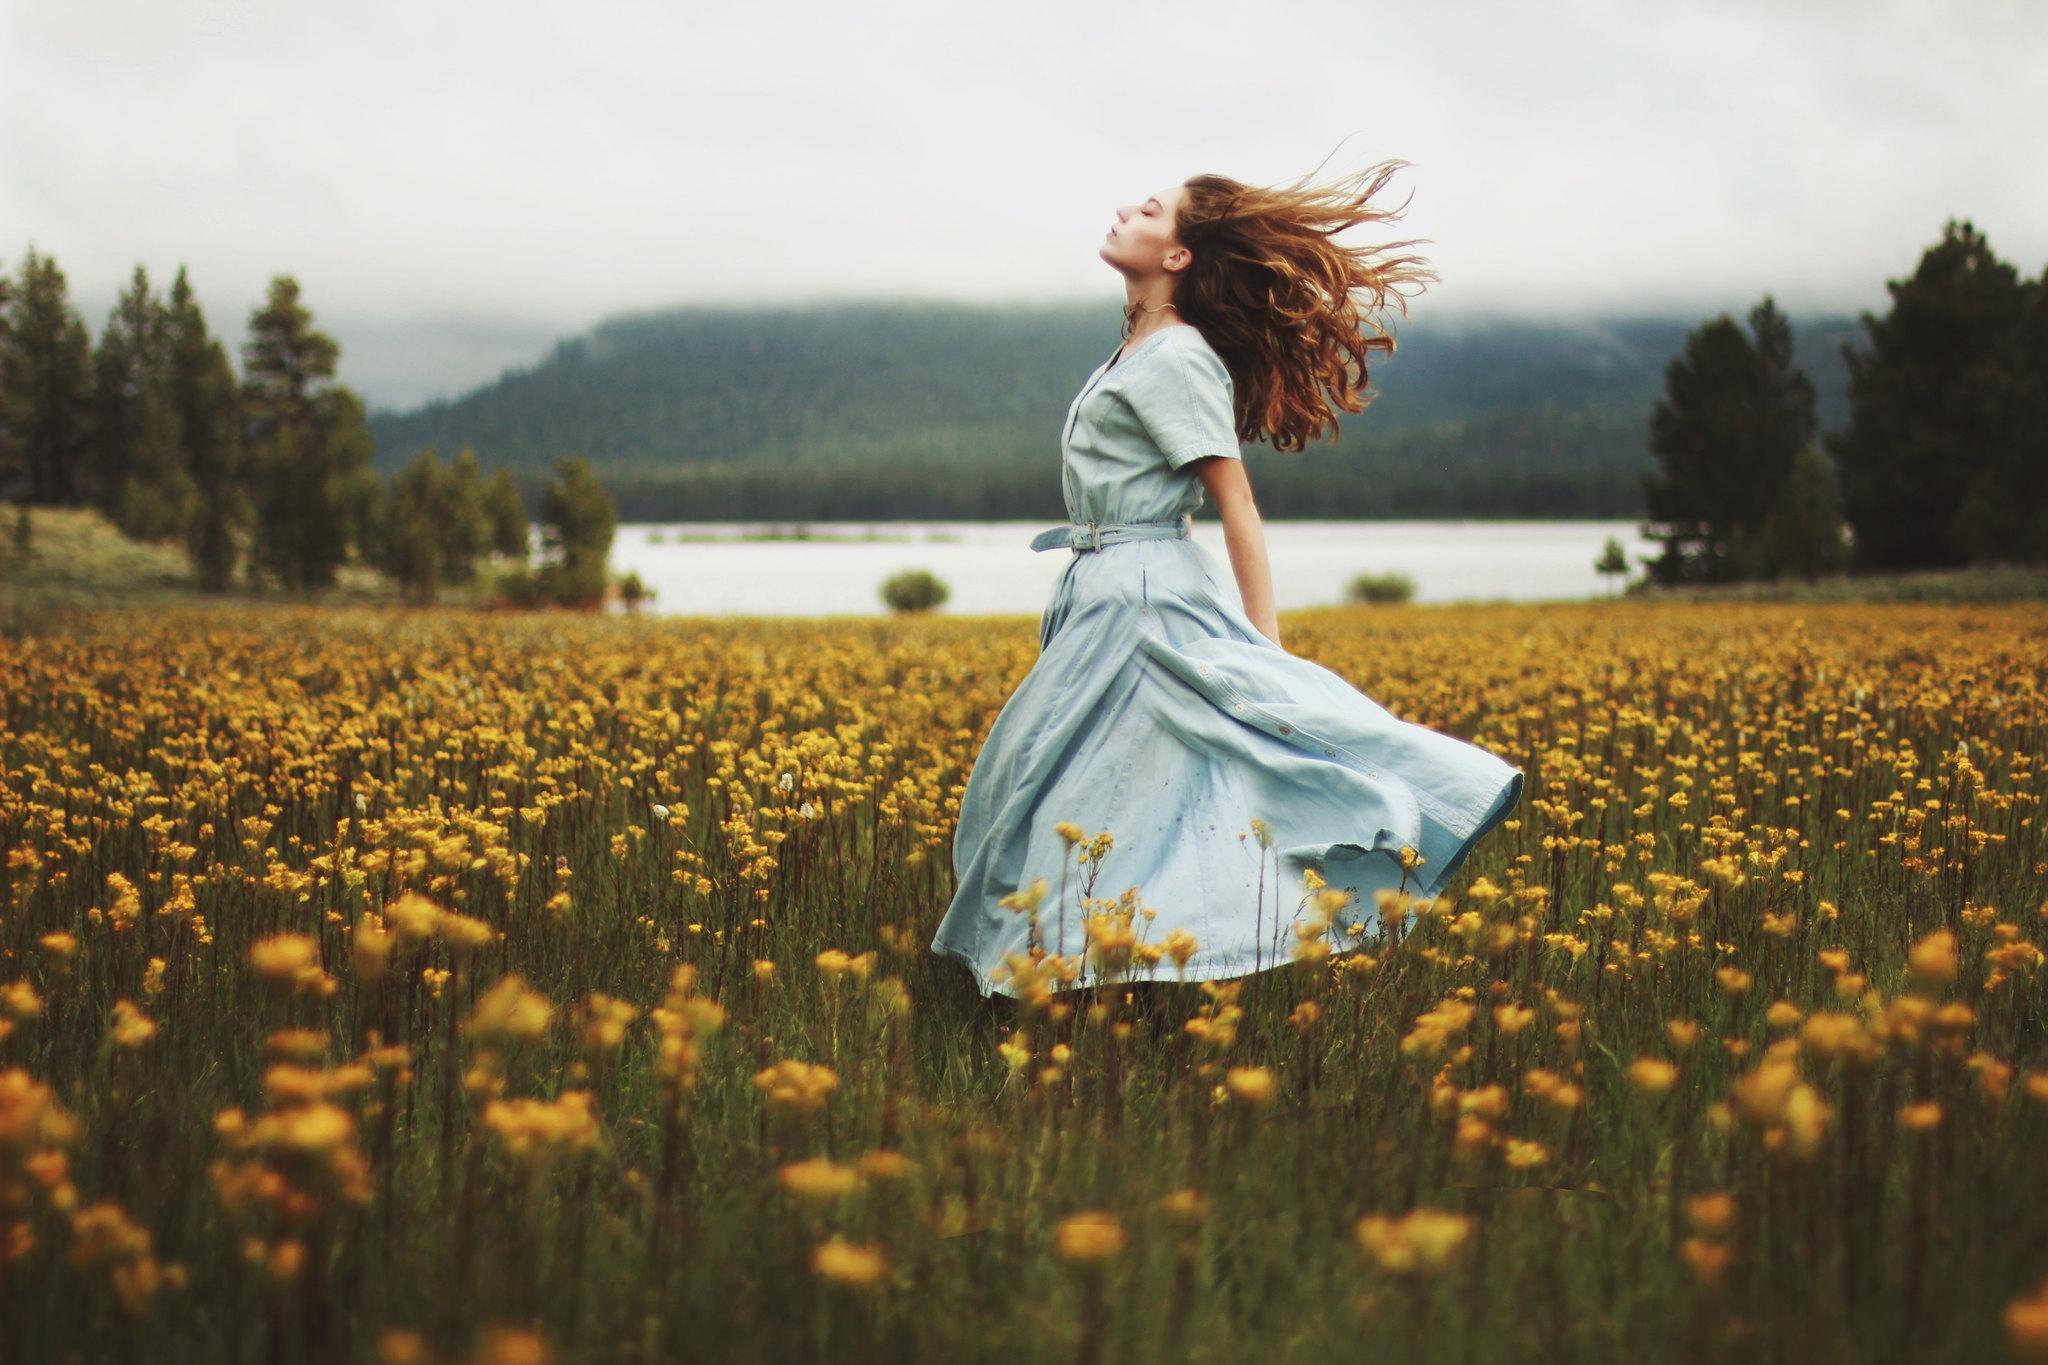 девушка в платье на поле желтых цветов